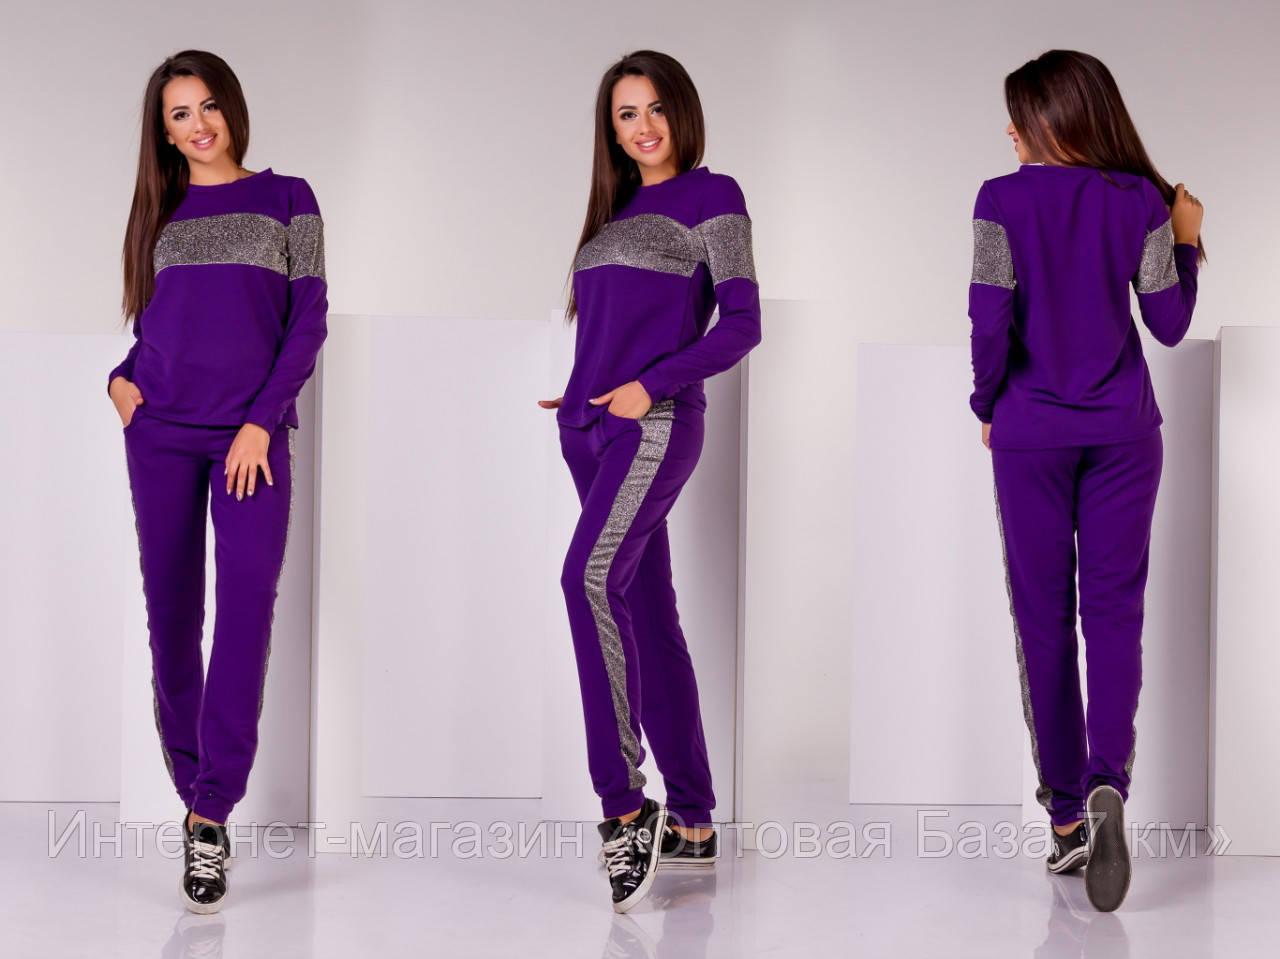 Спортивные костюмы женские оптом (р.р. S M L XL) купить со склада в Одессе  7 км 1a44a8c830bfc